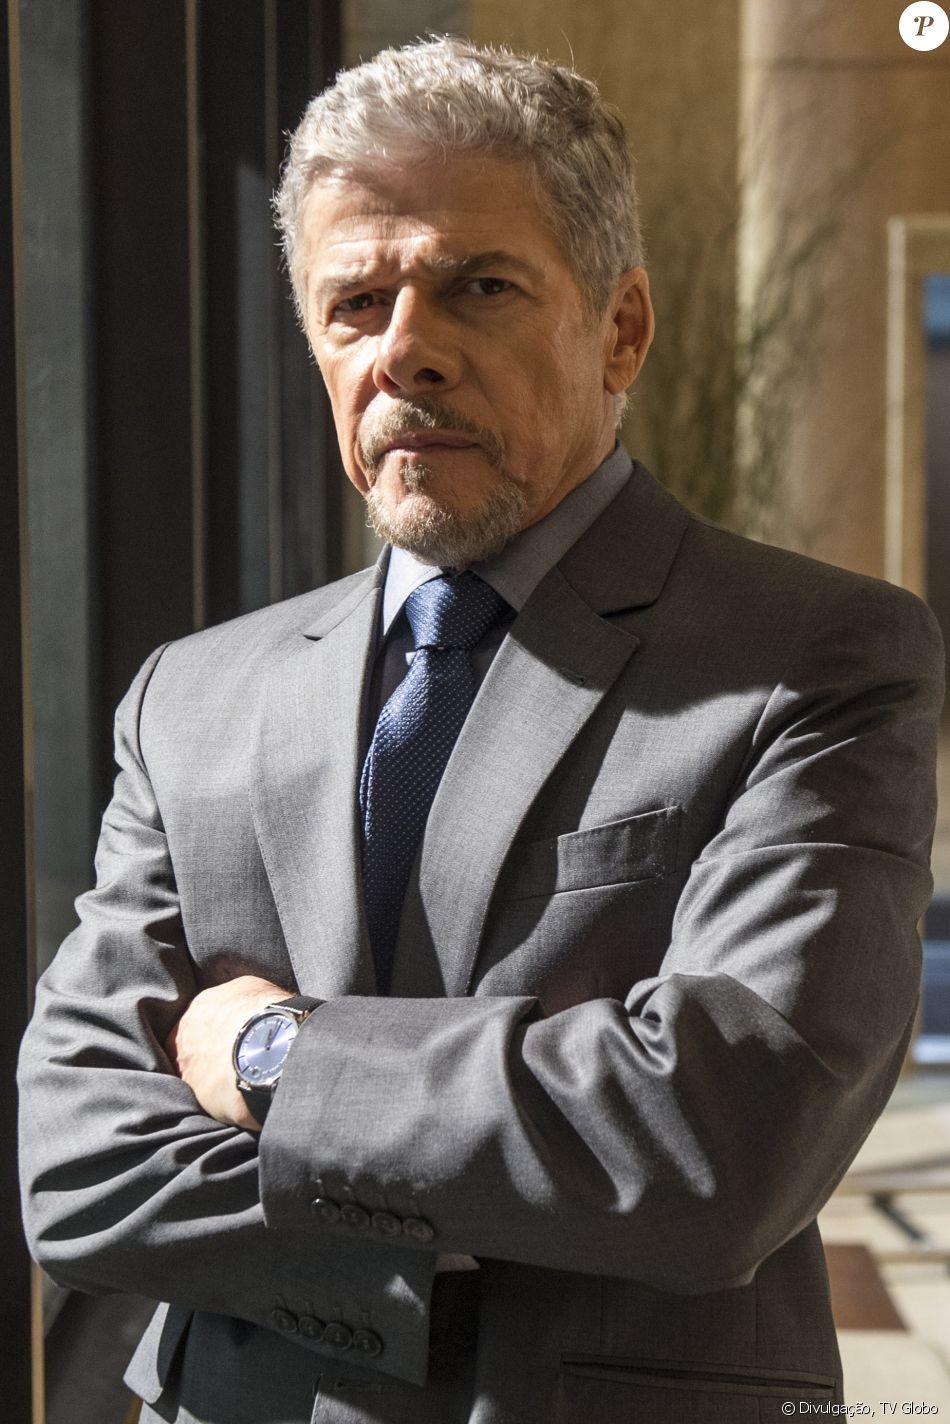 José Mayer vai acionar Justiça após ser acusado de assédio sexual por Su Tonani, dizem pessoas próximas ao ator, segundo o colunista Flavio Ricco, do jornal 'Diário de S.Paulo', nesta segunda-feira, 29 de maio de 2017